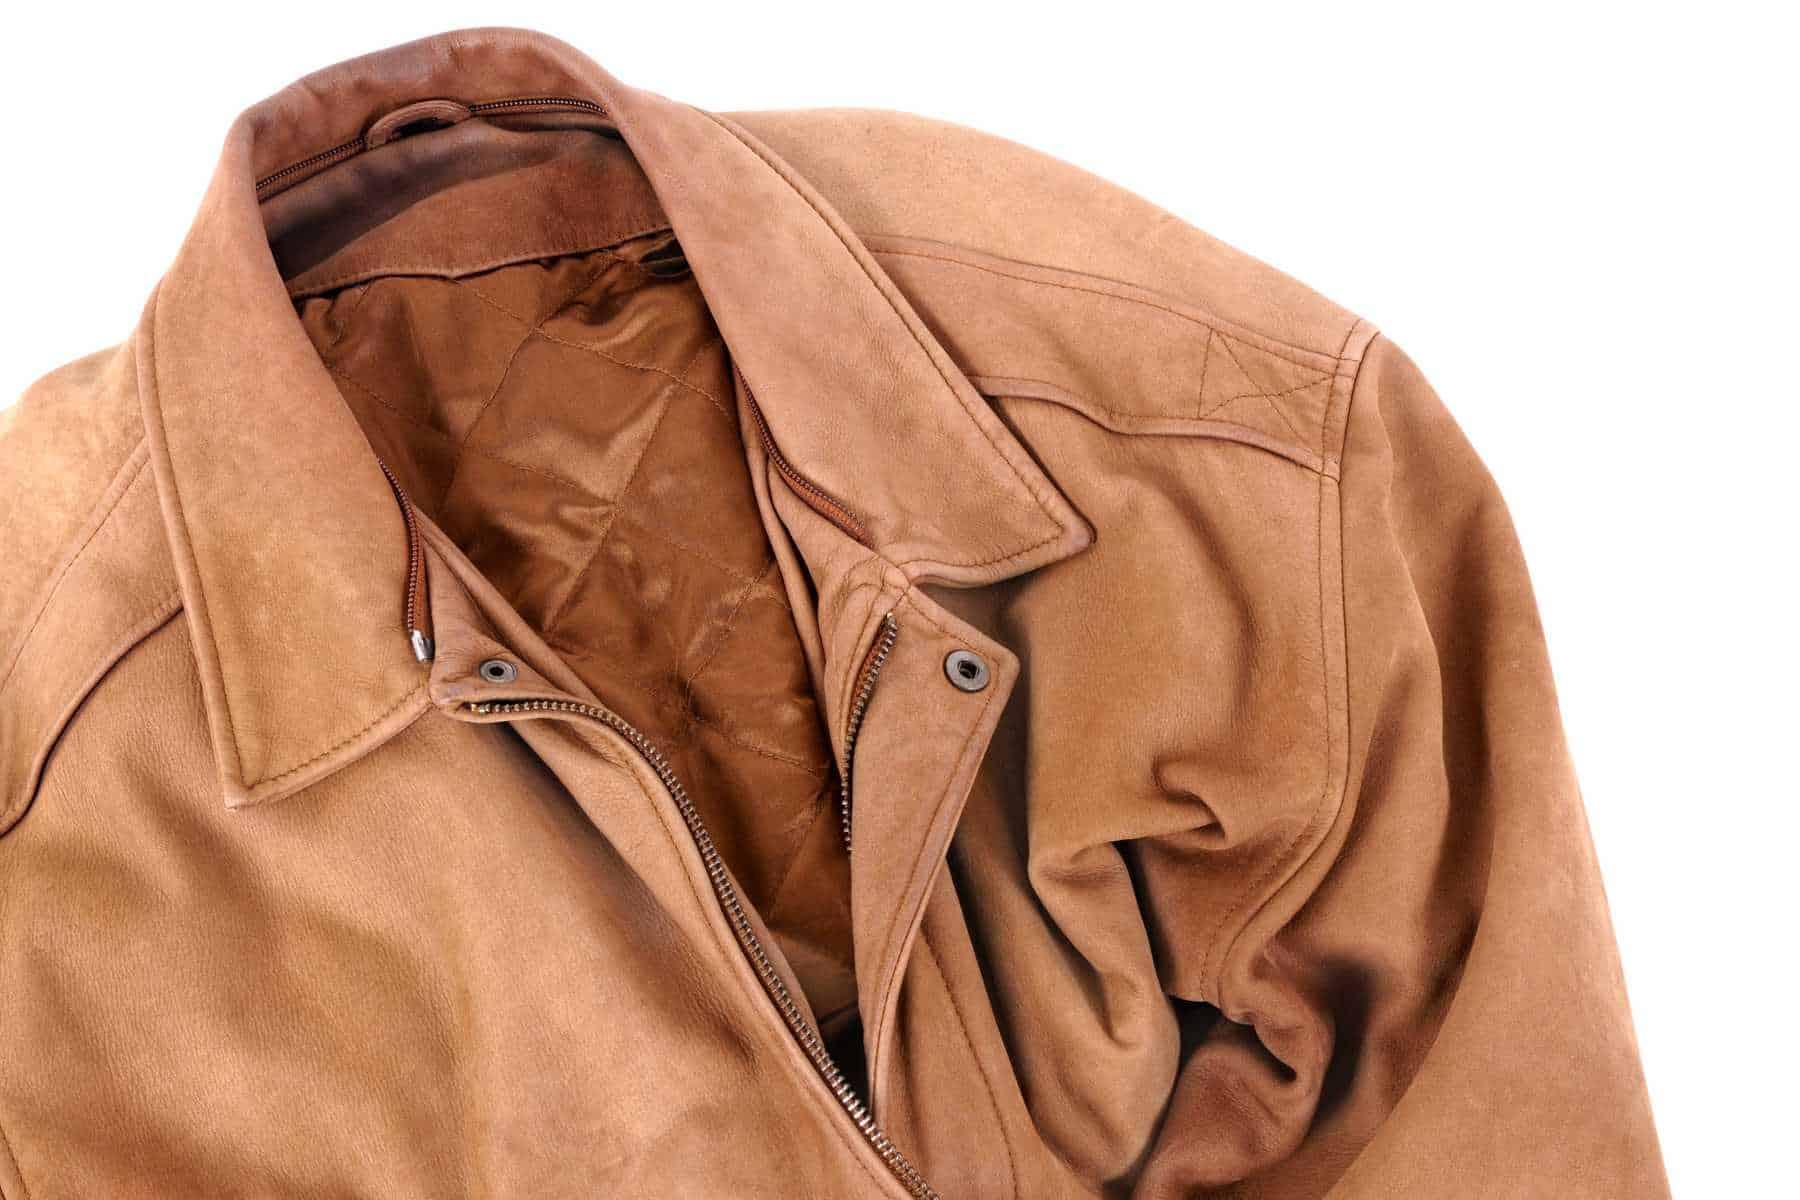 leatherjacket1800w1200h-11